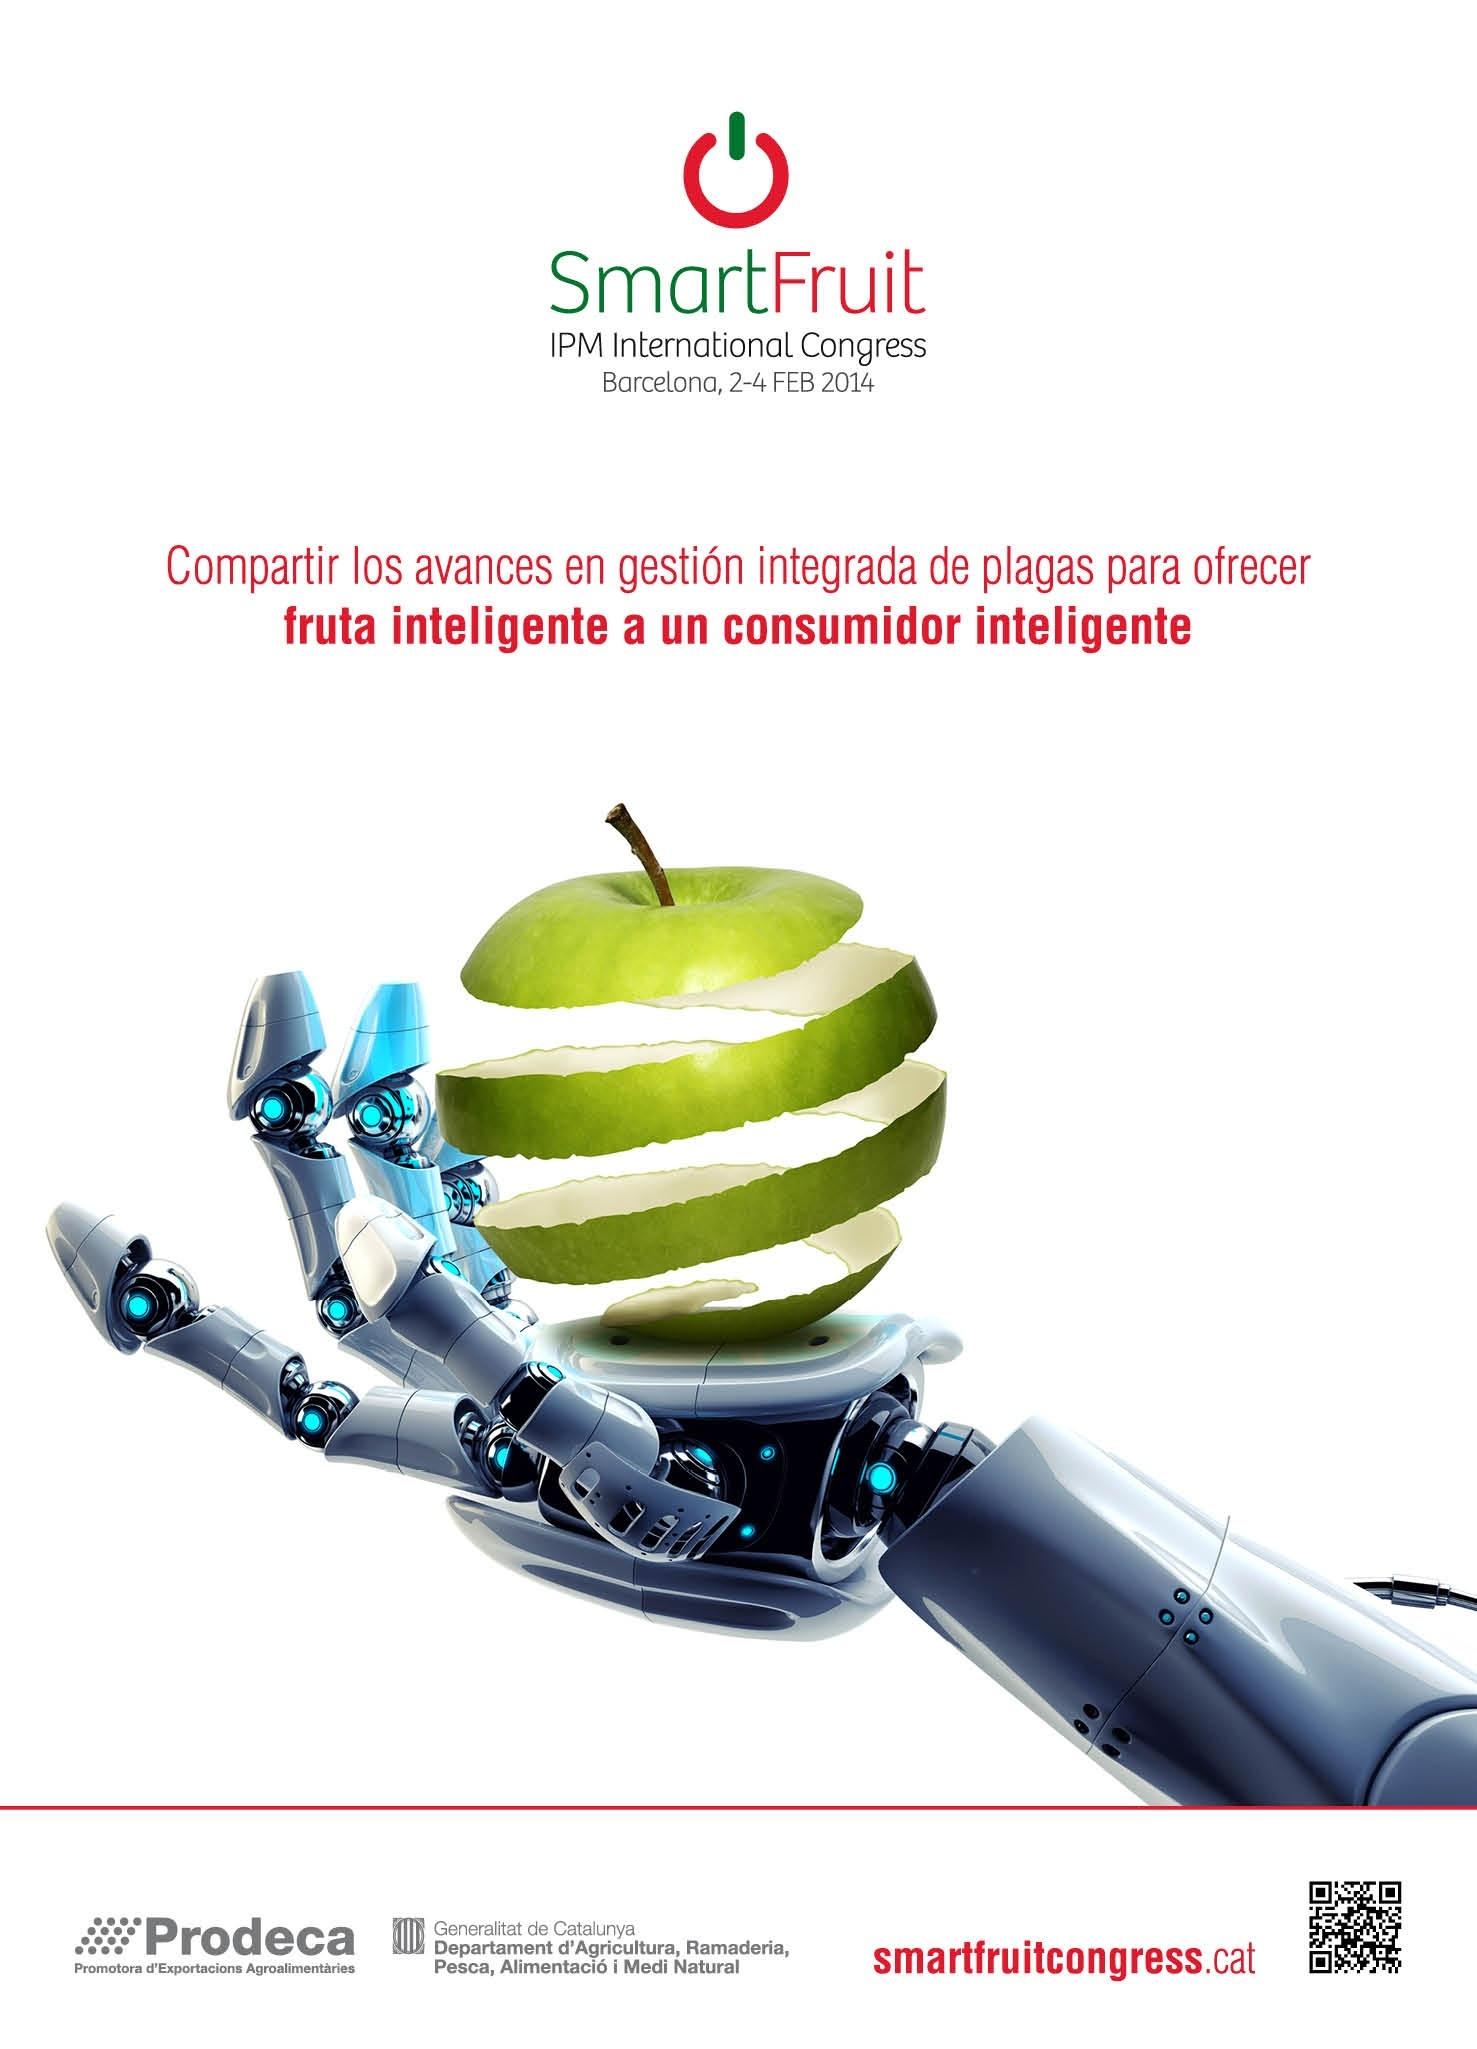 El congreso SmartFruit reunirá en Barcelona a expertos mundiales en gestión de plagas